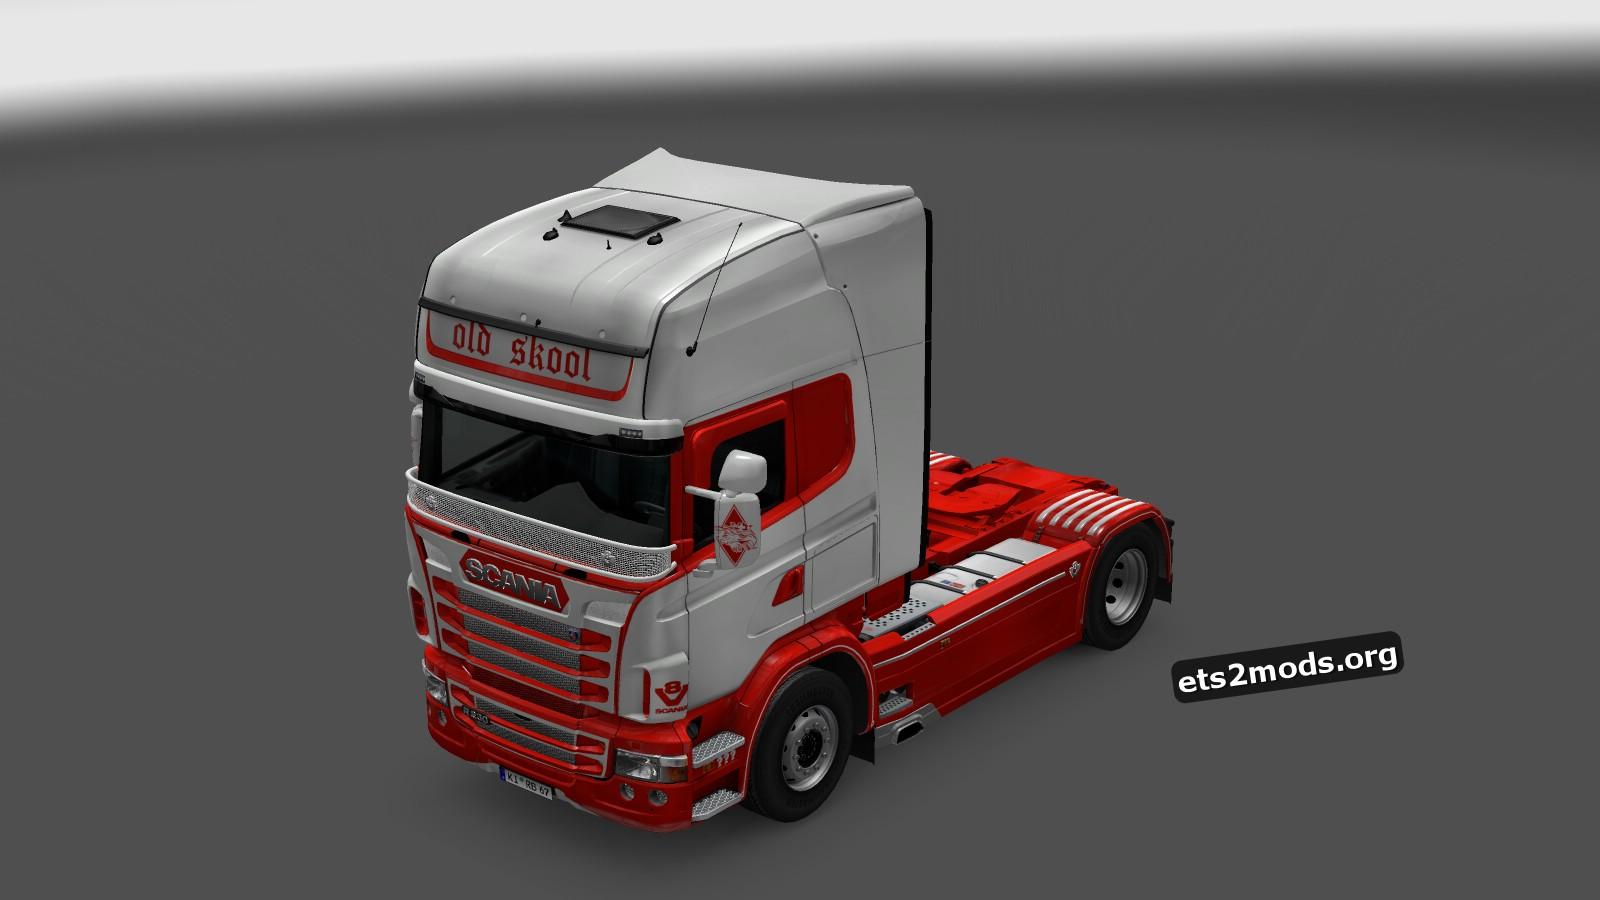 Red & White V8 Skin for Scania RJL